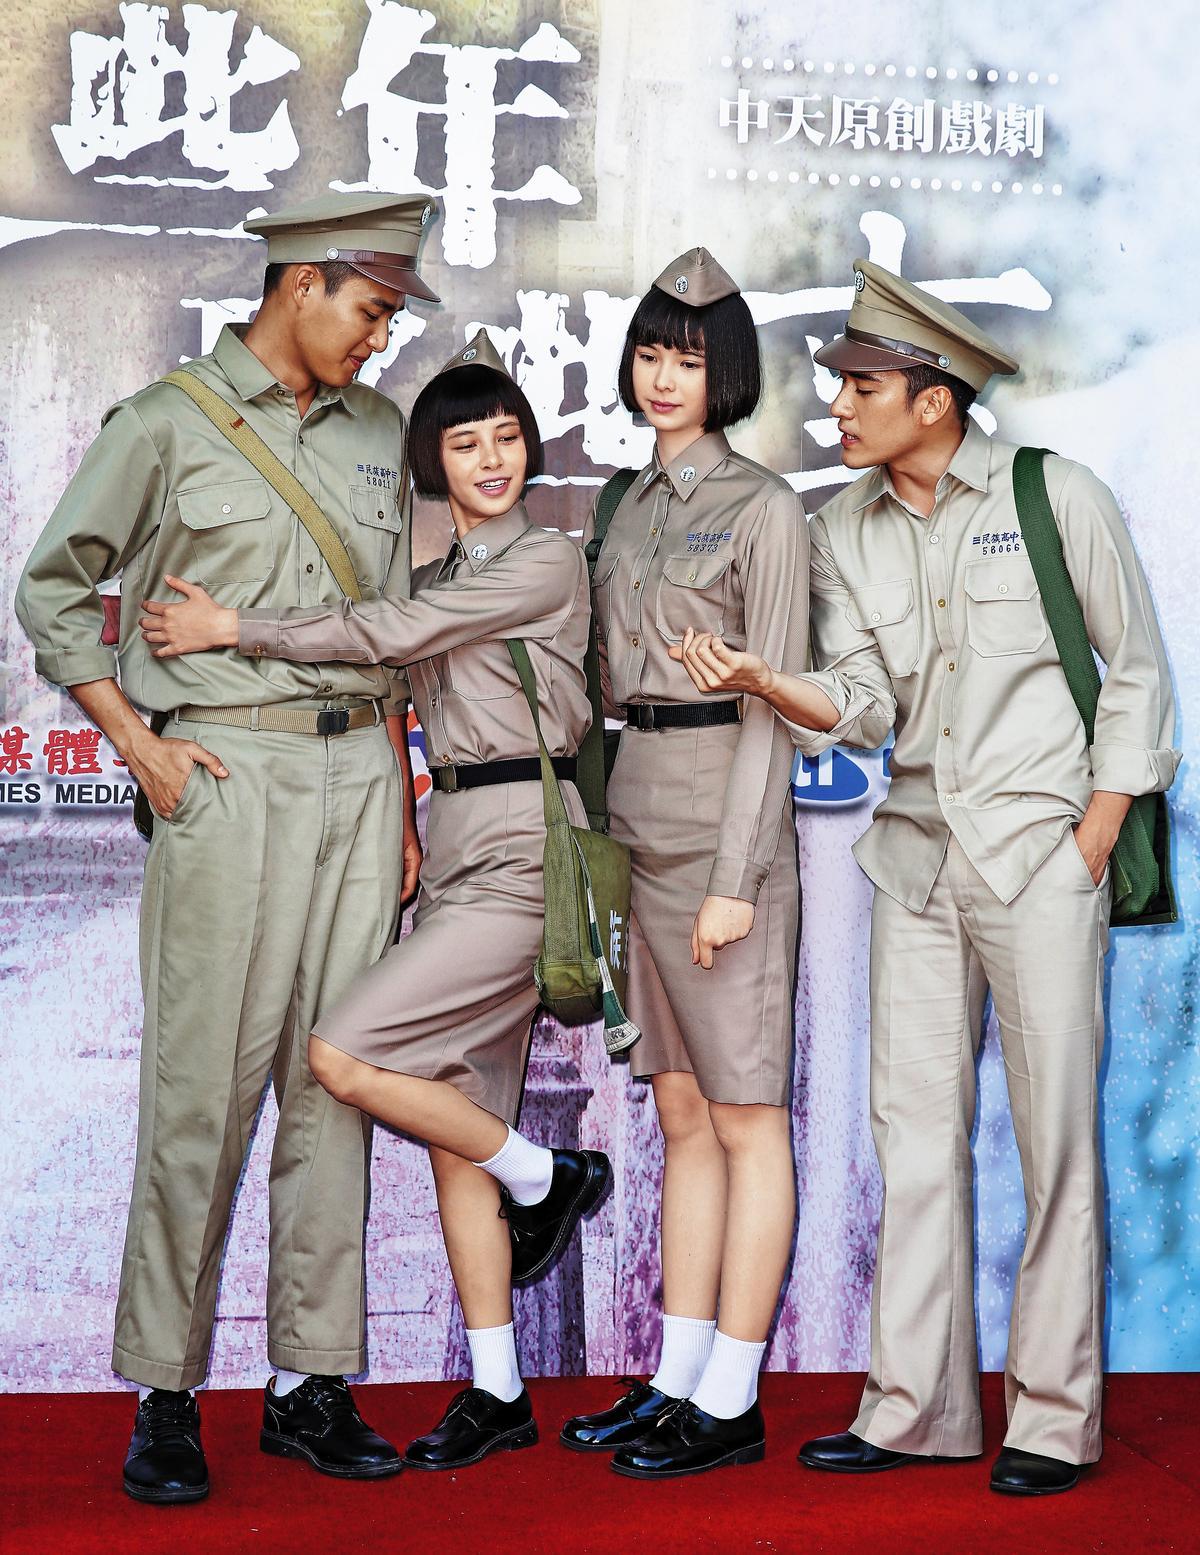 宇珊(右二)、沈建宏(右一)出席新戲宣傳,他們兩個比較紅,但照片看來很沒戲分,焦點都讓給了金凱德(左二)及安俊朋(左一)。